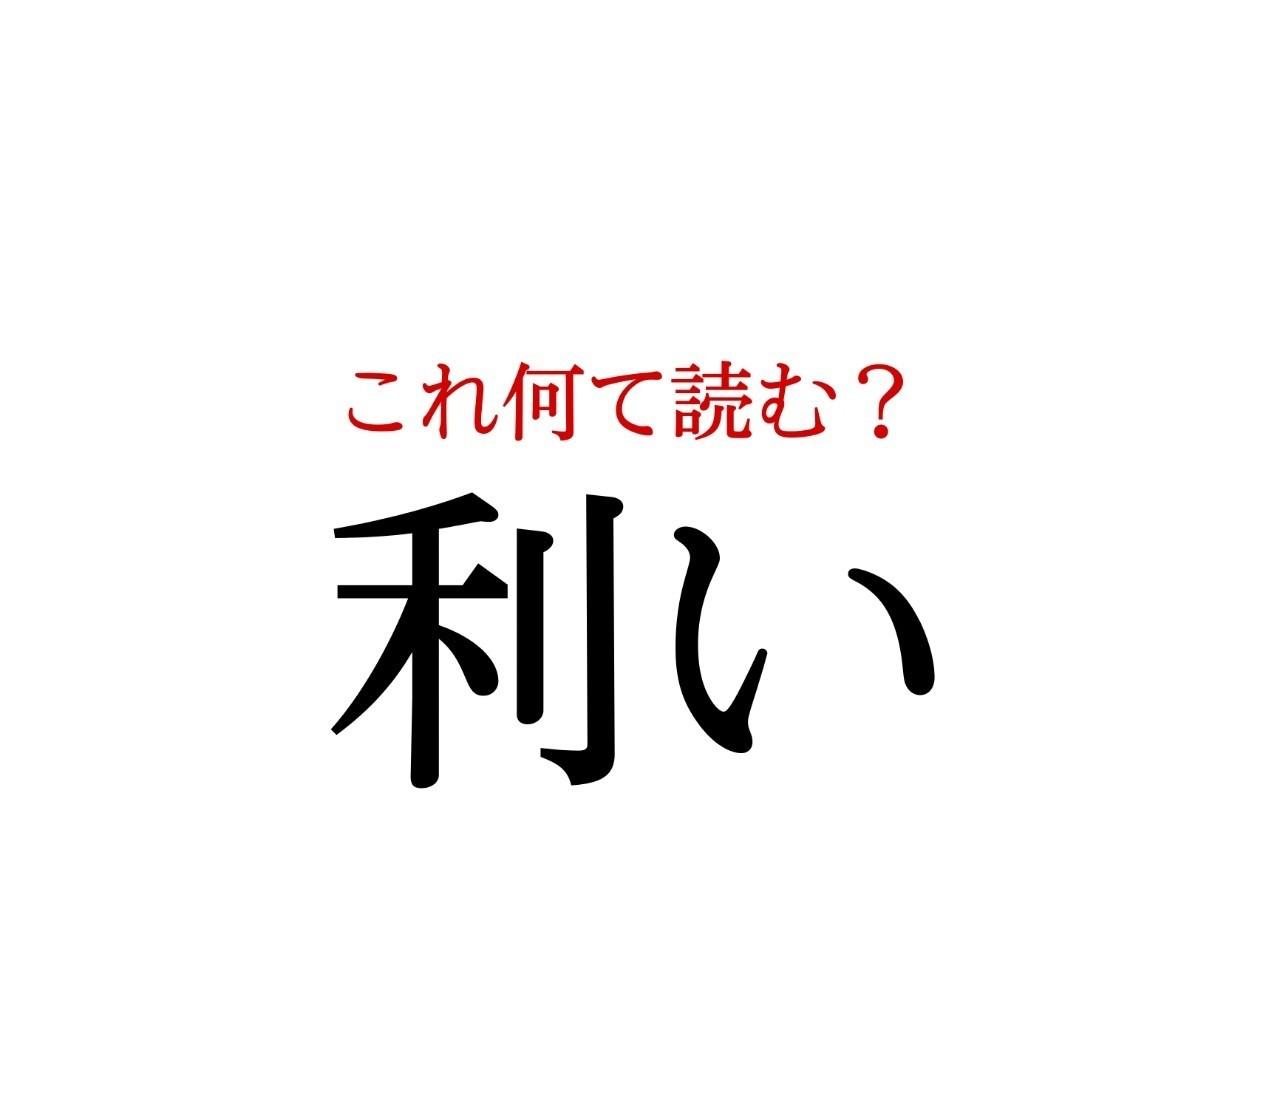 「利い」:この漢字、自信を持って読めますか?【働く大人の漢字クイズvol.269】